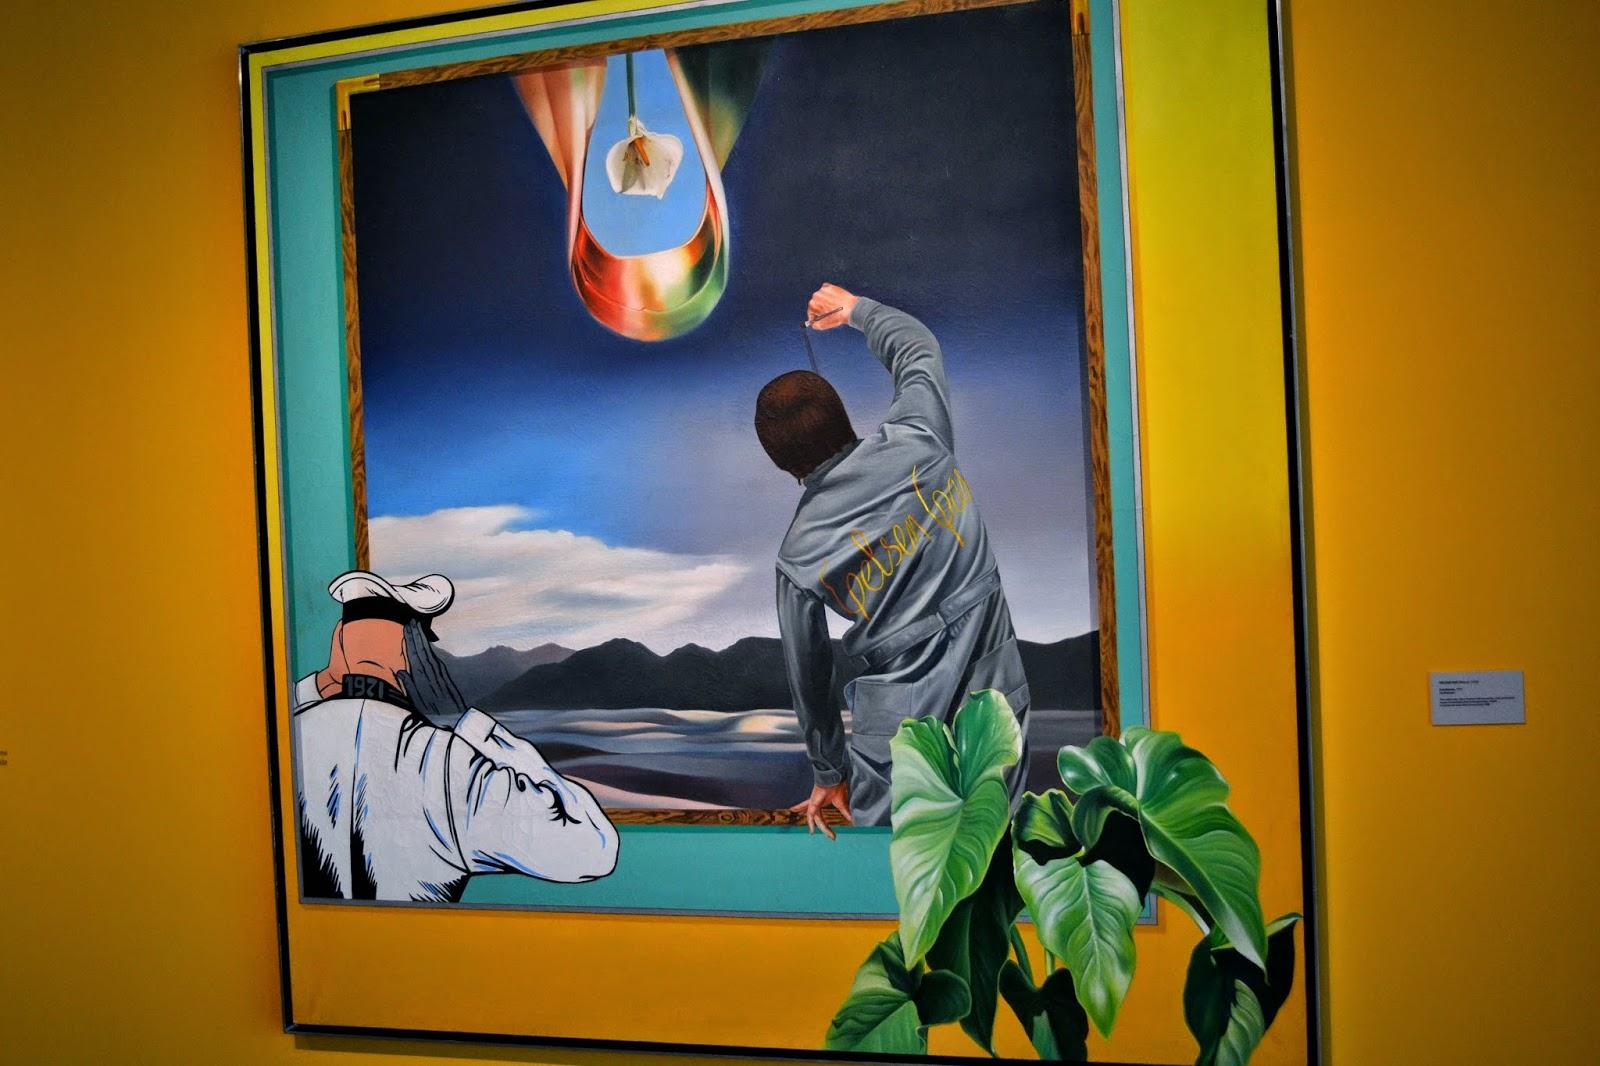 Jornada poética y plática con el artista Gelsen Gas en el Museo Expuesto